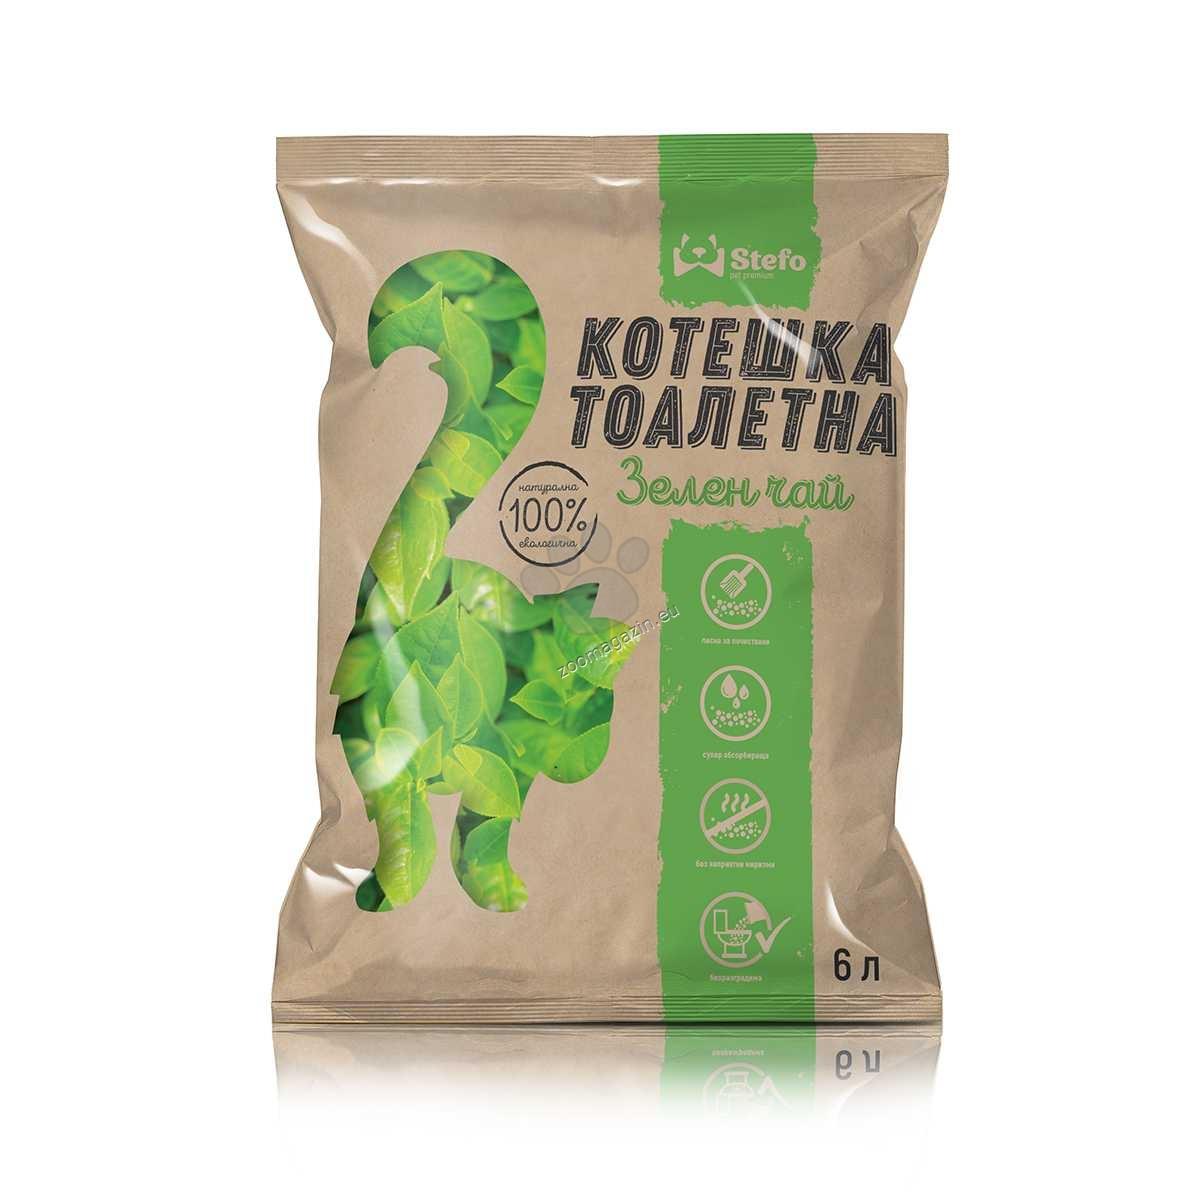 Stefo Green Tea - екологична котешка тоалетна от соя 6 литра / аромат зелен чай /